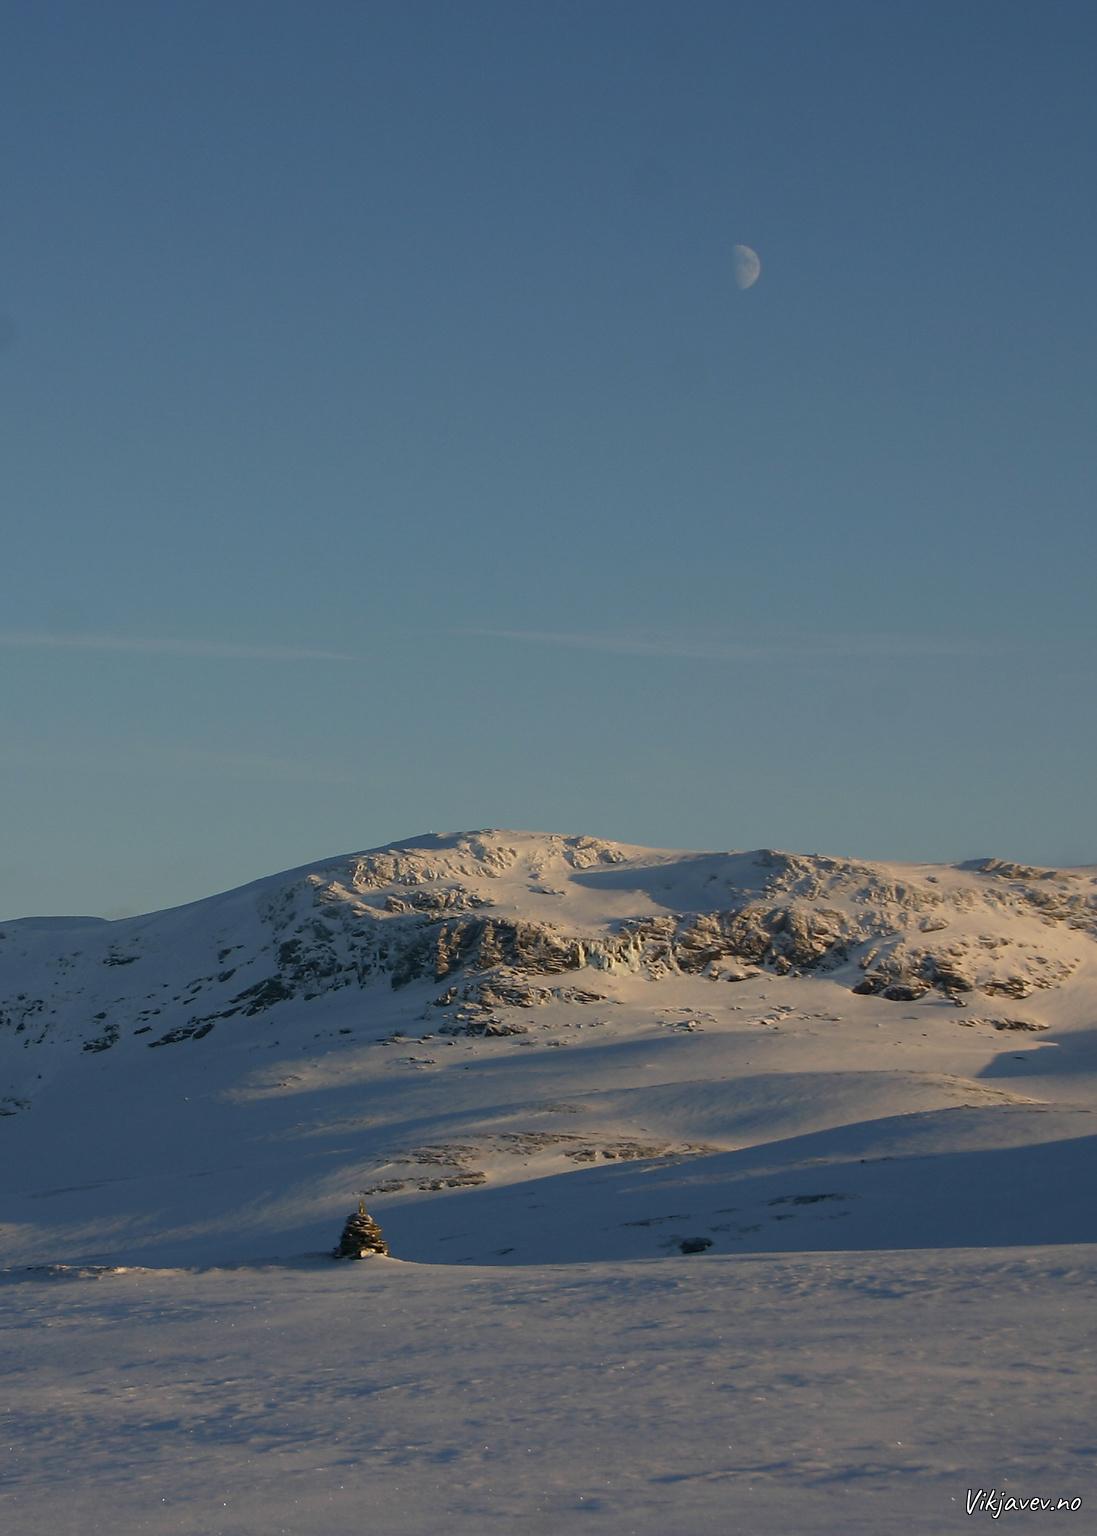 Frå Ygnesdalsfjellet mot Fossfjellet